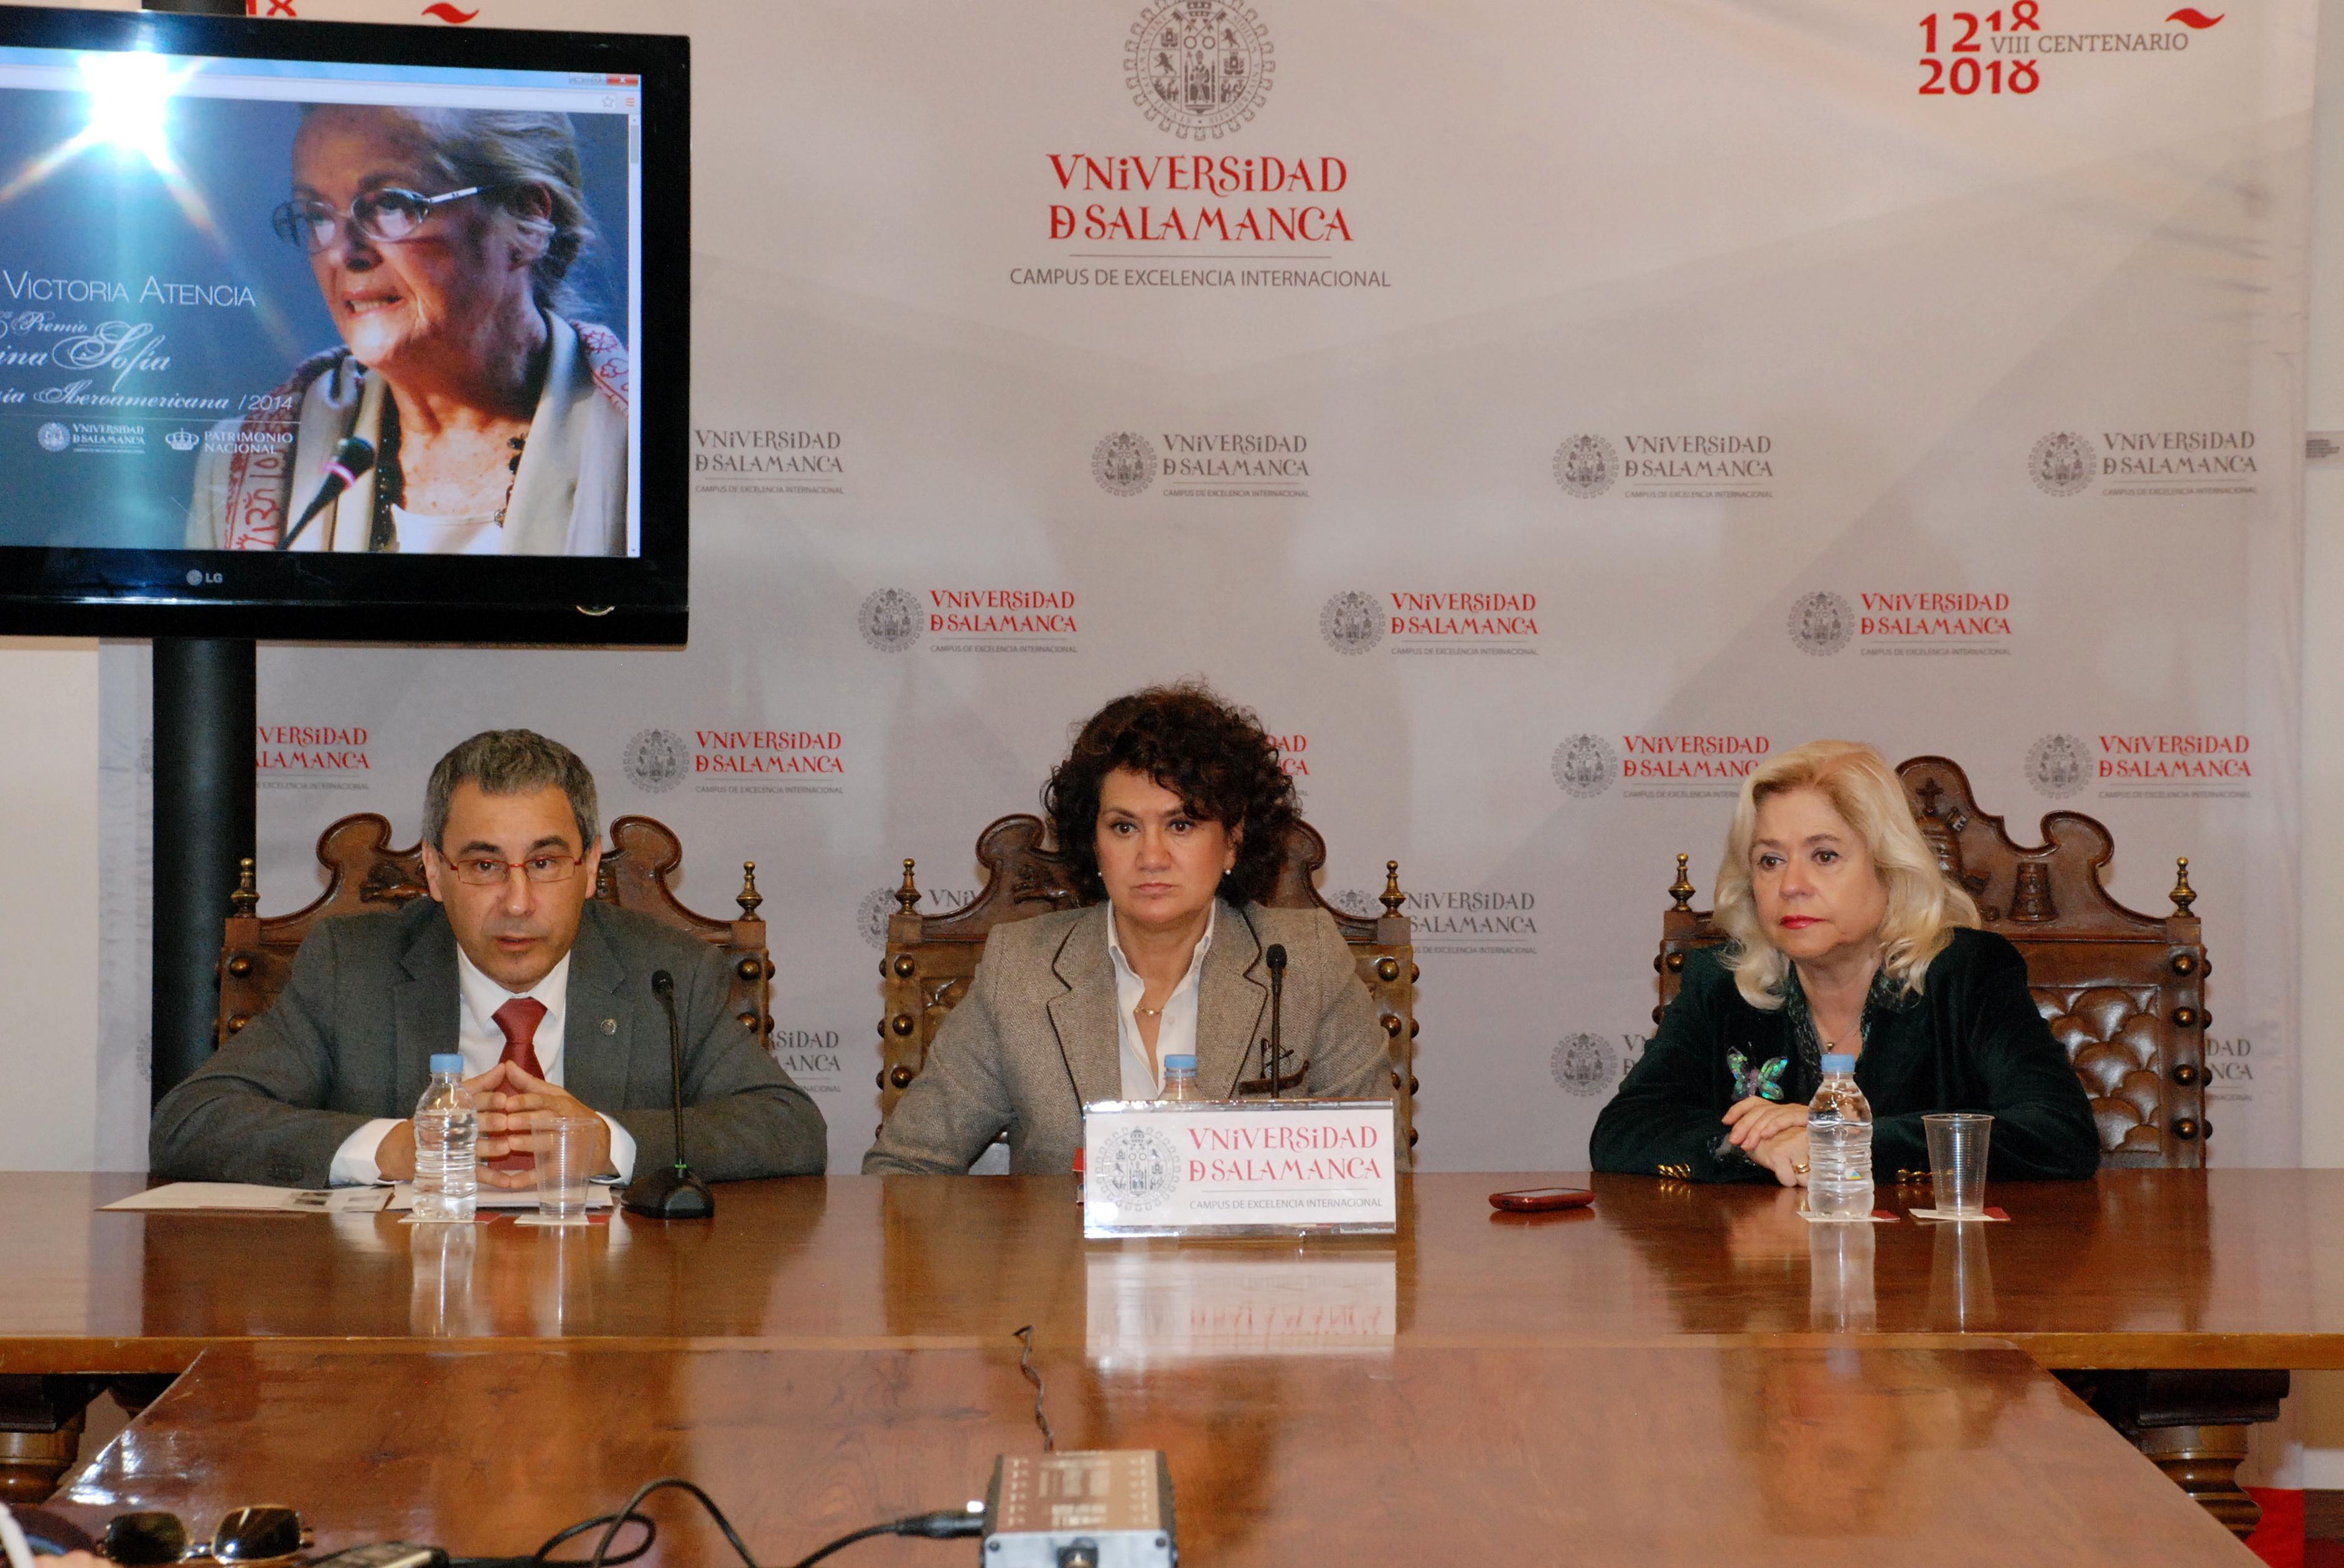 La Universidad de Salamanca diseña un programa cultural en torno al XXIII Premio de Poesía Iberoamericana que desarrollará en las ciudades de Madrid y Málaga